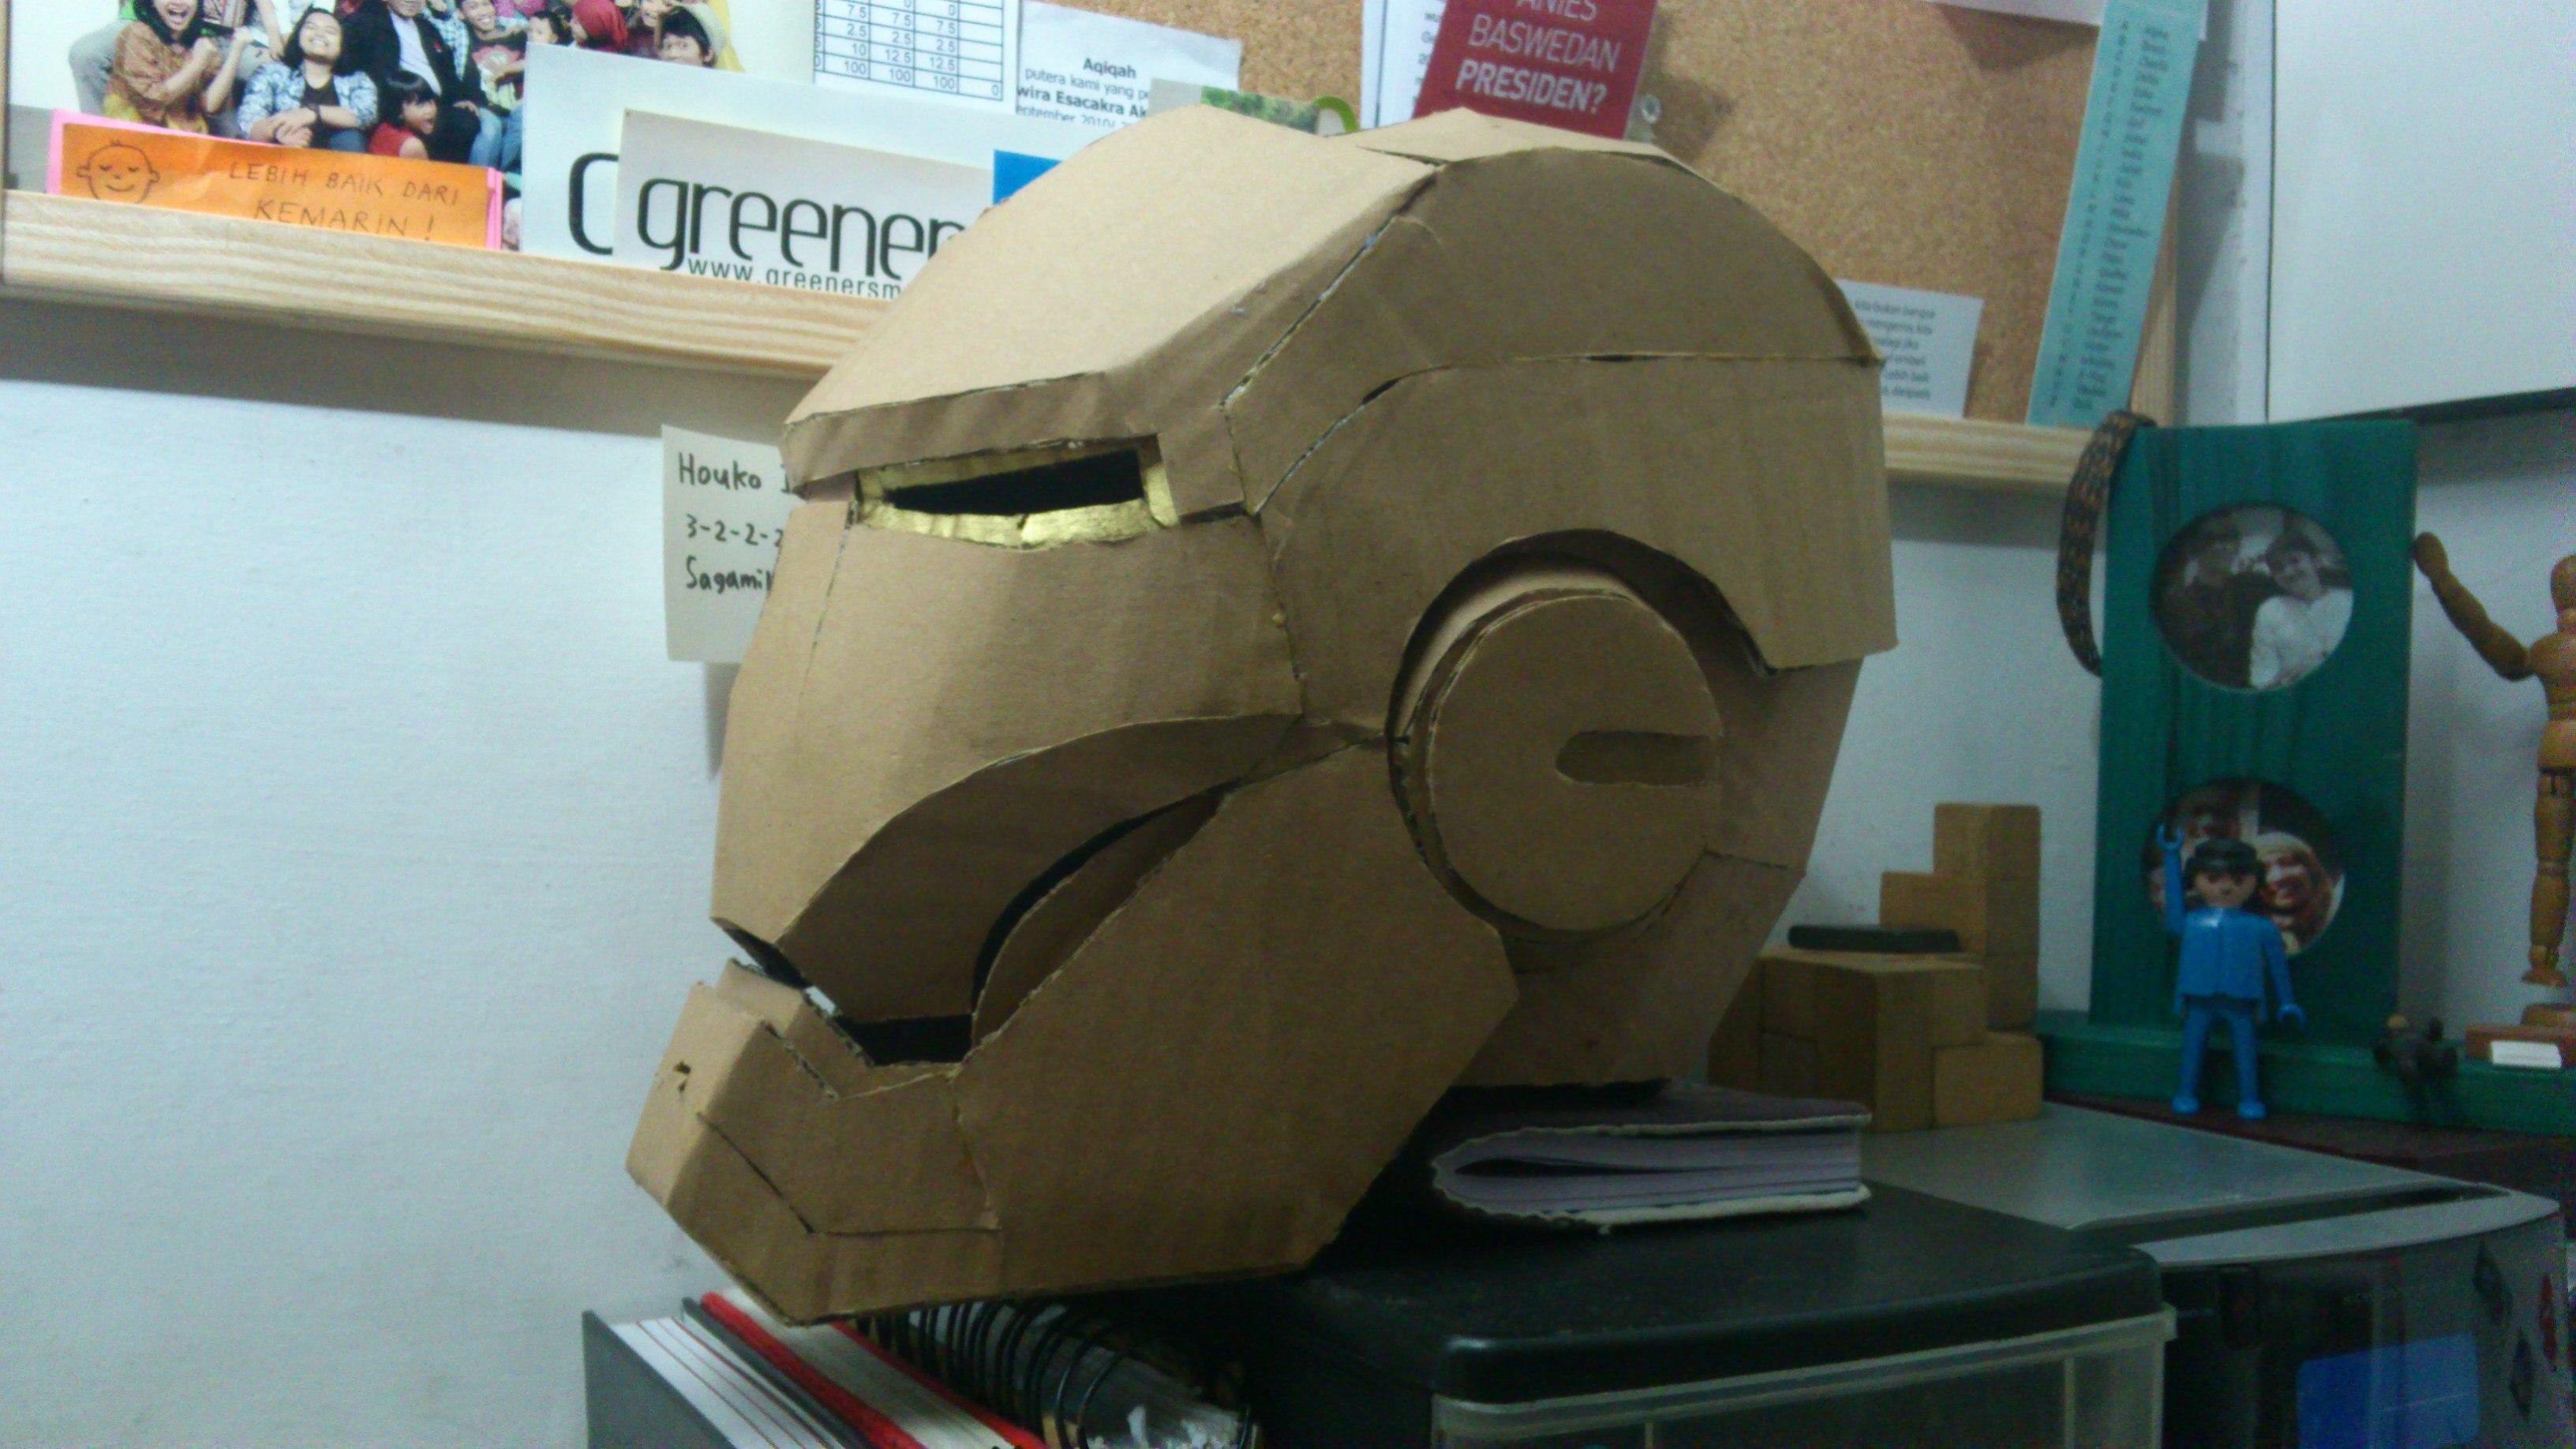 Topeng Iron Man Berwujud Kardus Nur Maliyanti